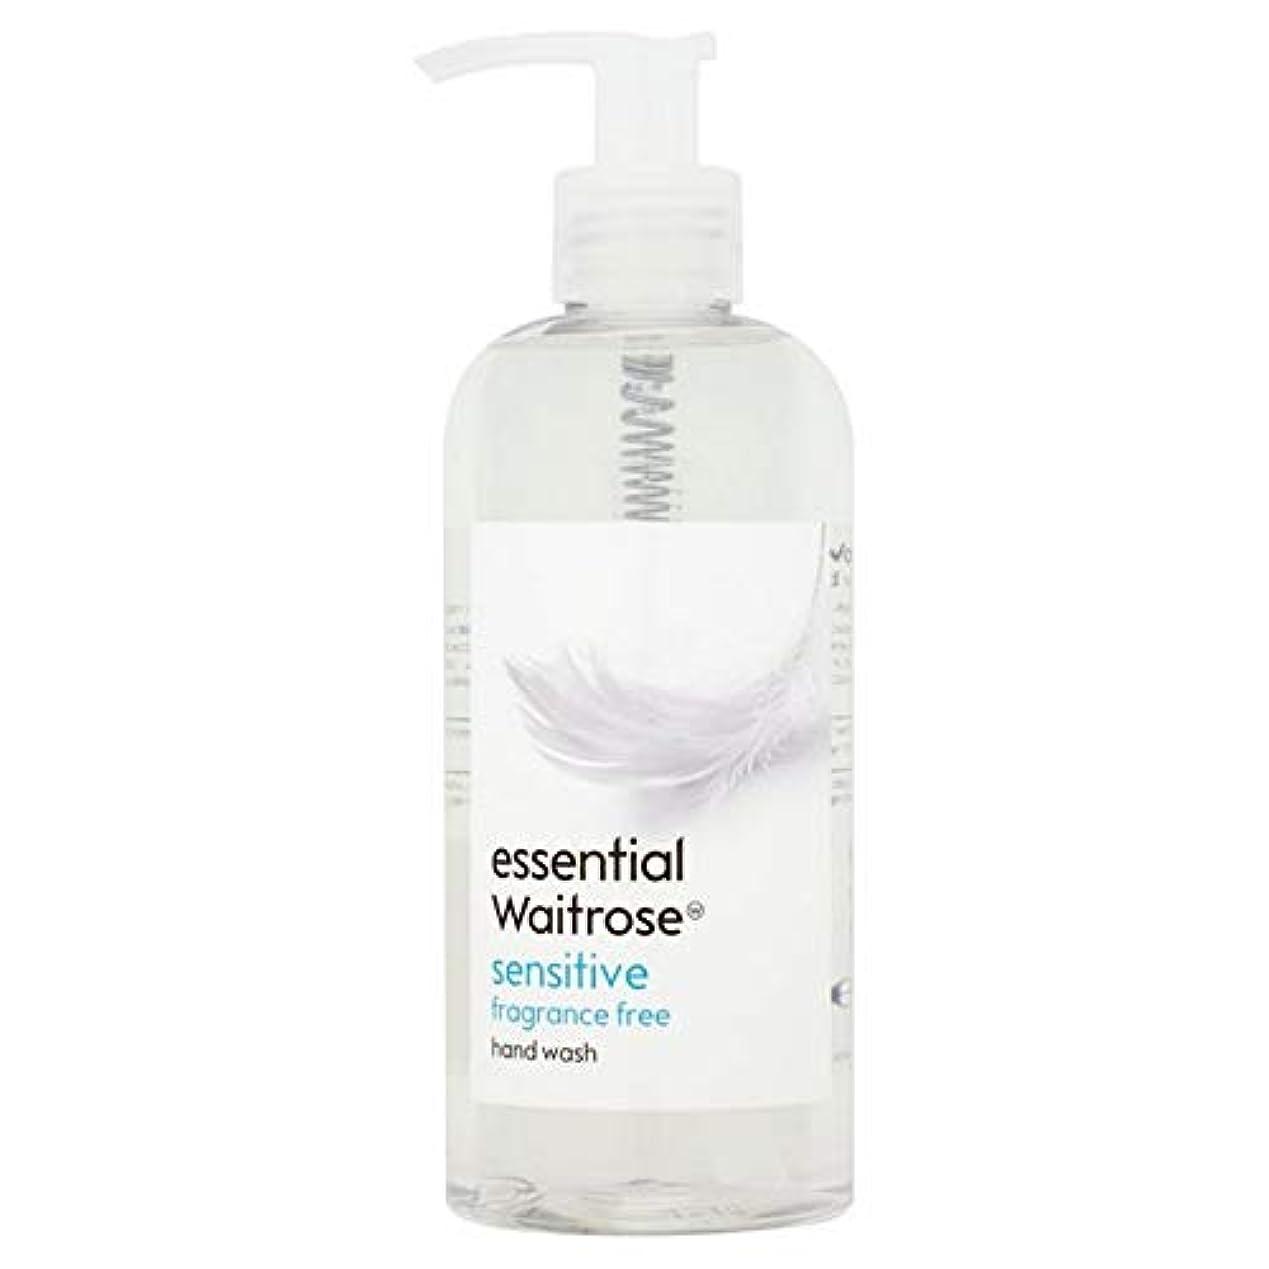 コメントチート抗生物質[Waitrose ] 基本的なウェイトローズのハンドウォッシュ敏感な300ミリリットル - Essential Waitrose Hand Wash Sensitive 300ml [並行輸入品]